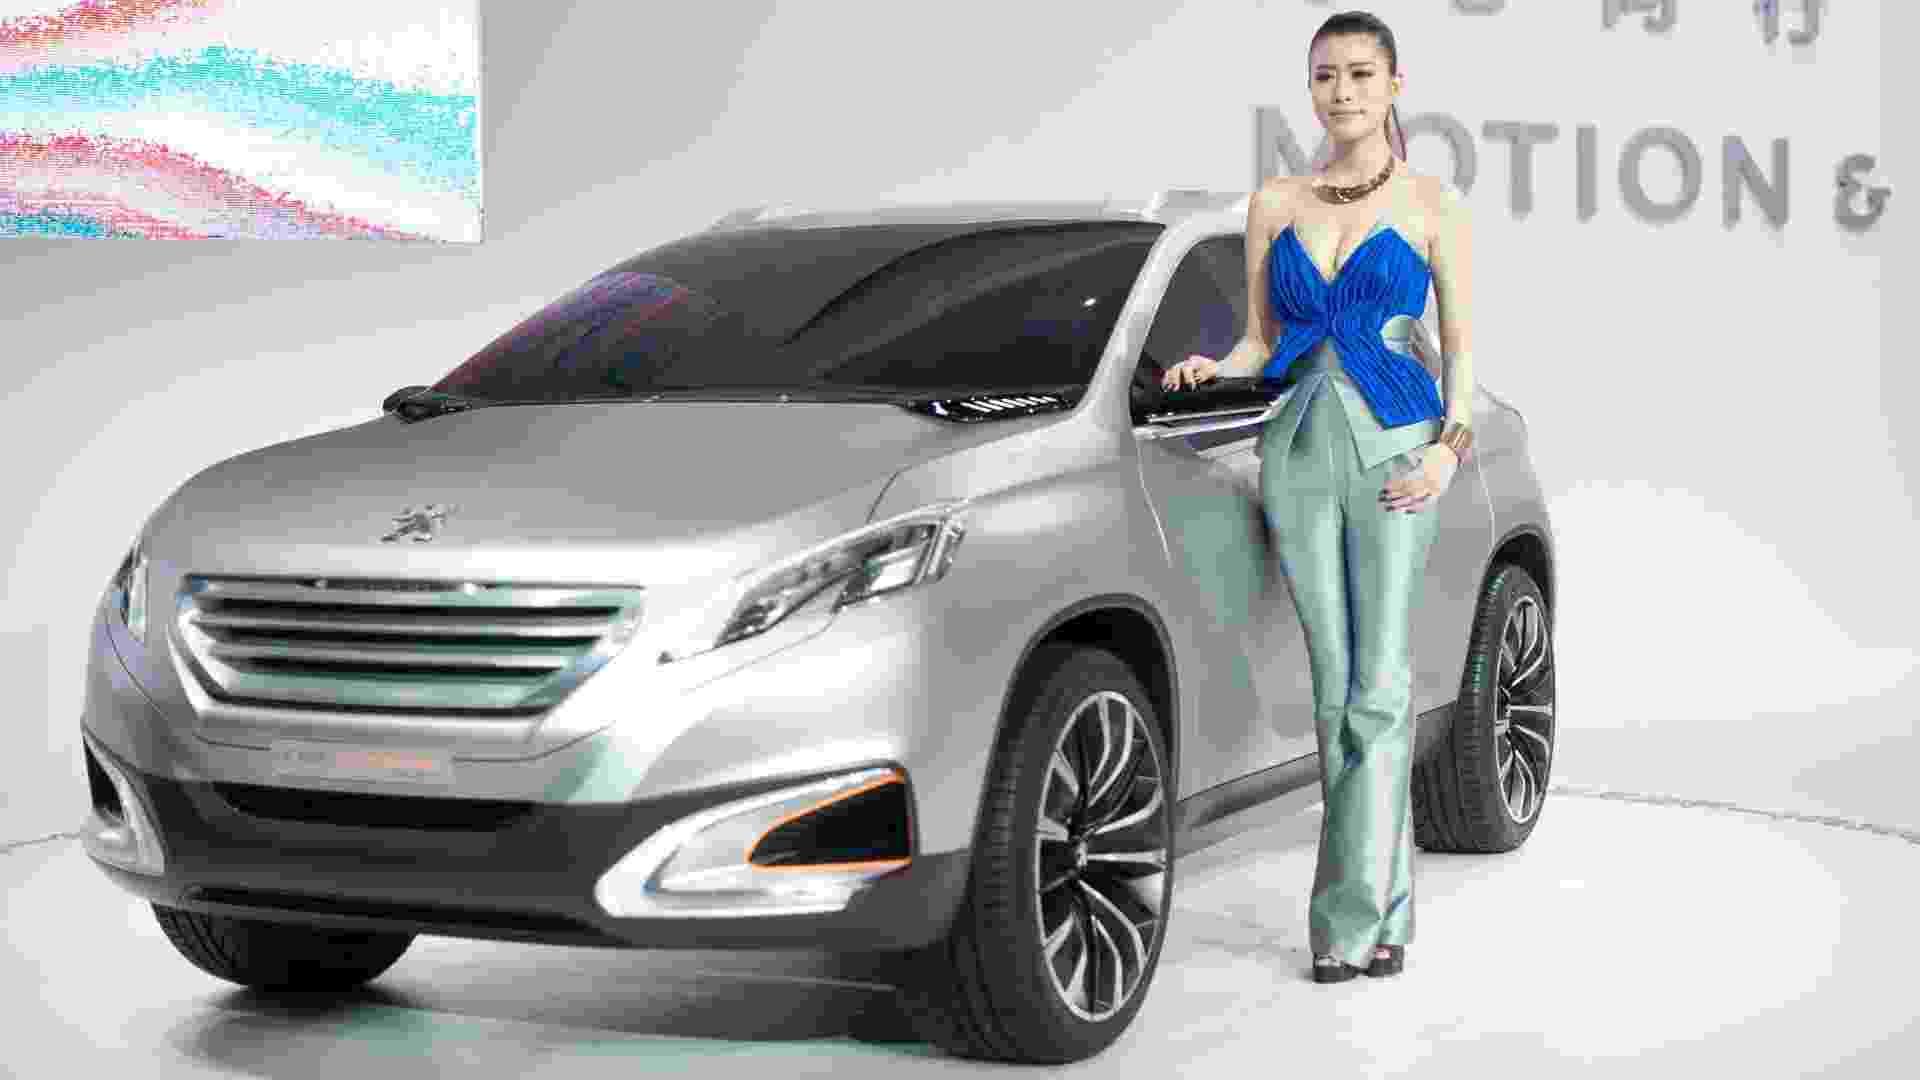 Peugeot confirma fabricação do 2008 no Brasil. Modelo será um SUV compacto baseado no 208 e vai enfrentar o EcoSport - Ed Jones/AFP